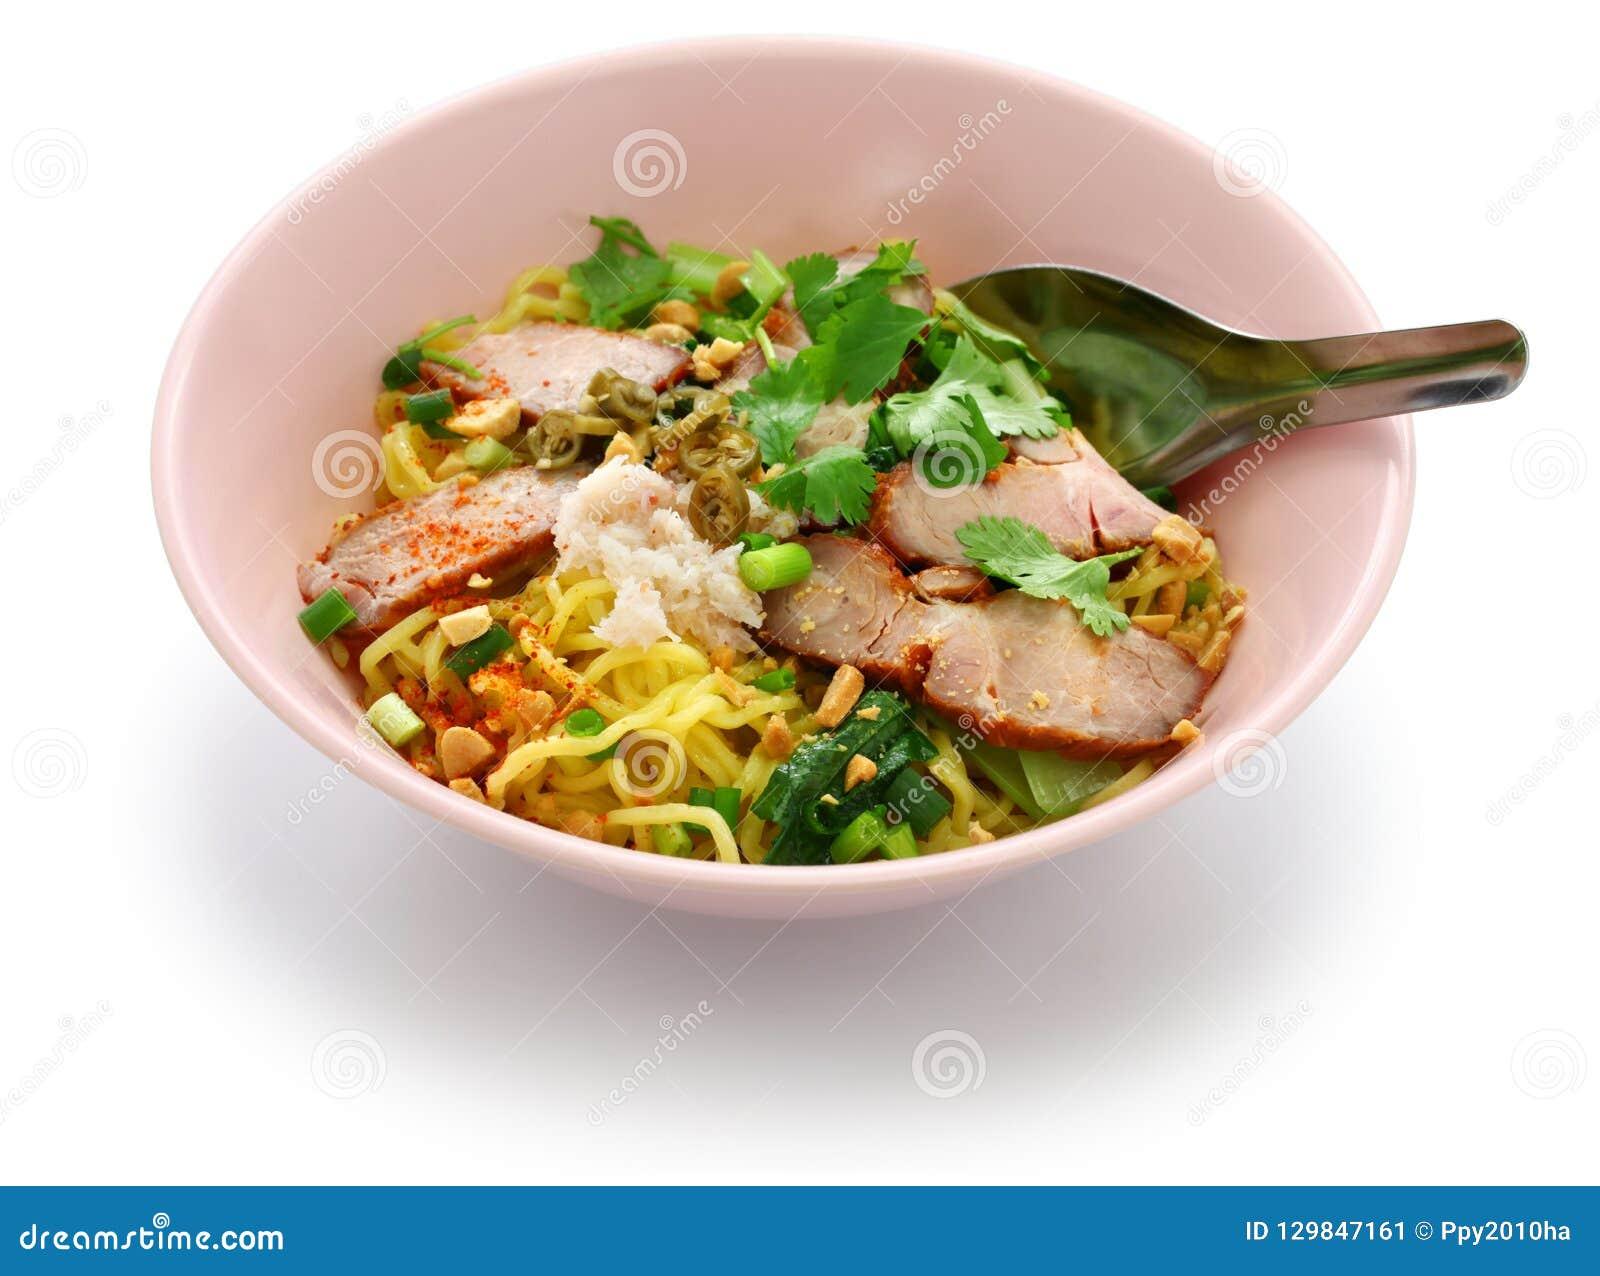 Egg noodles served with roast pork, thai food